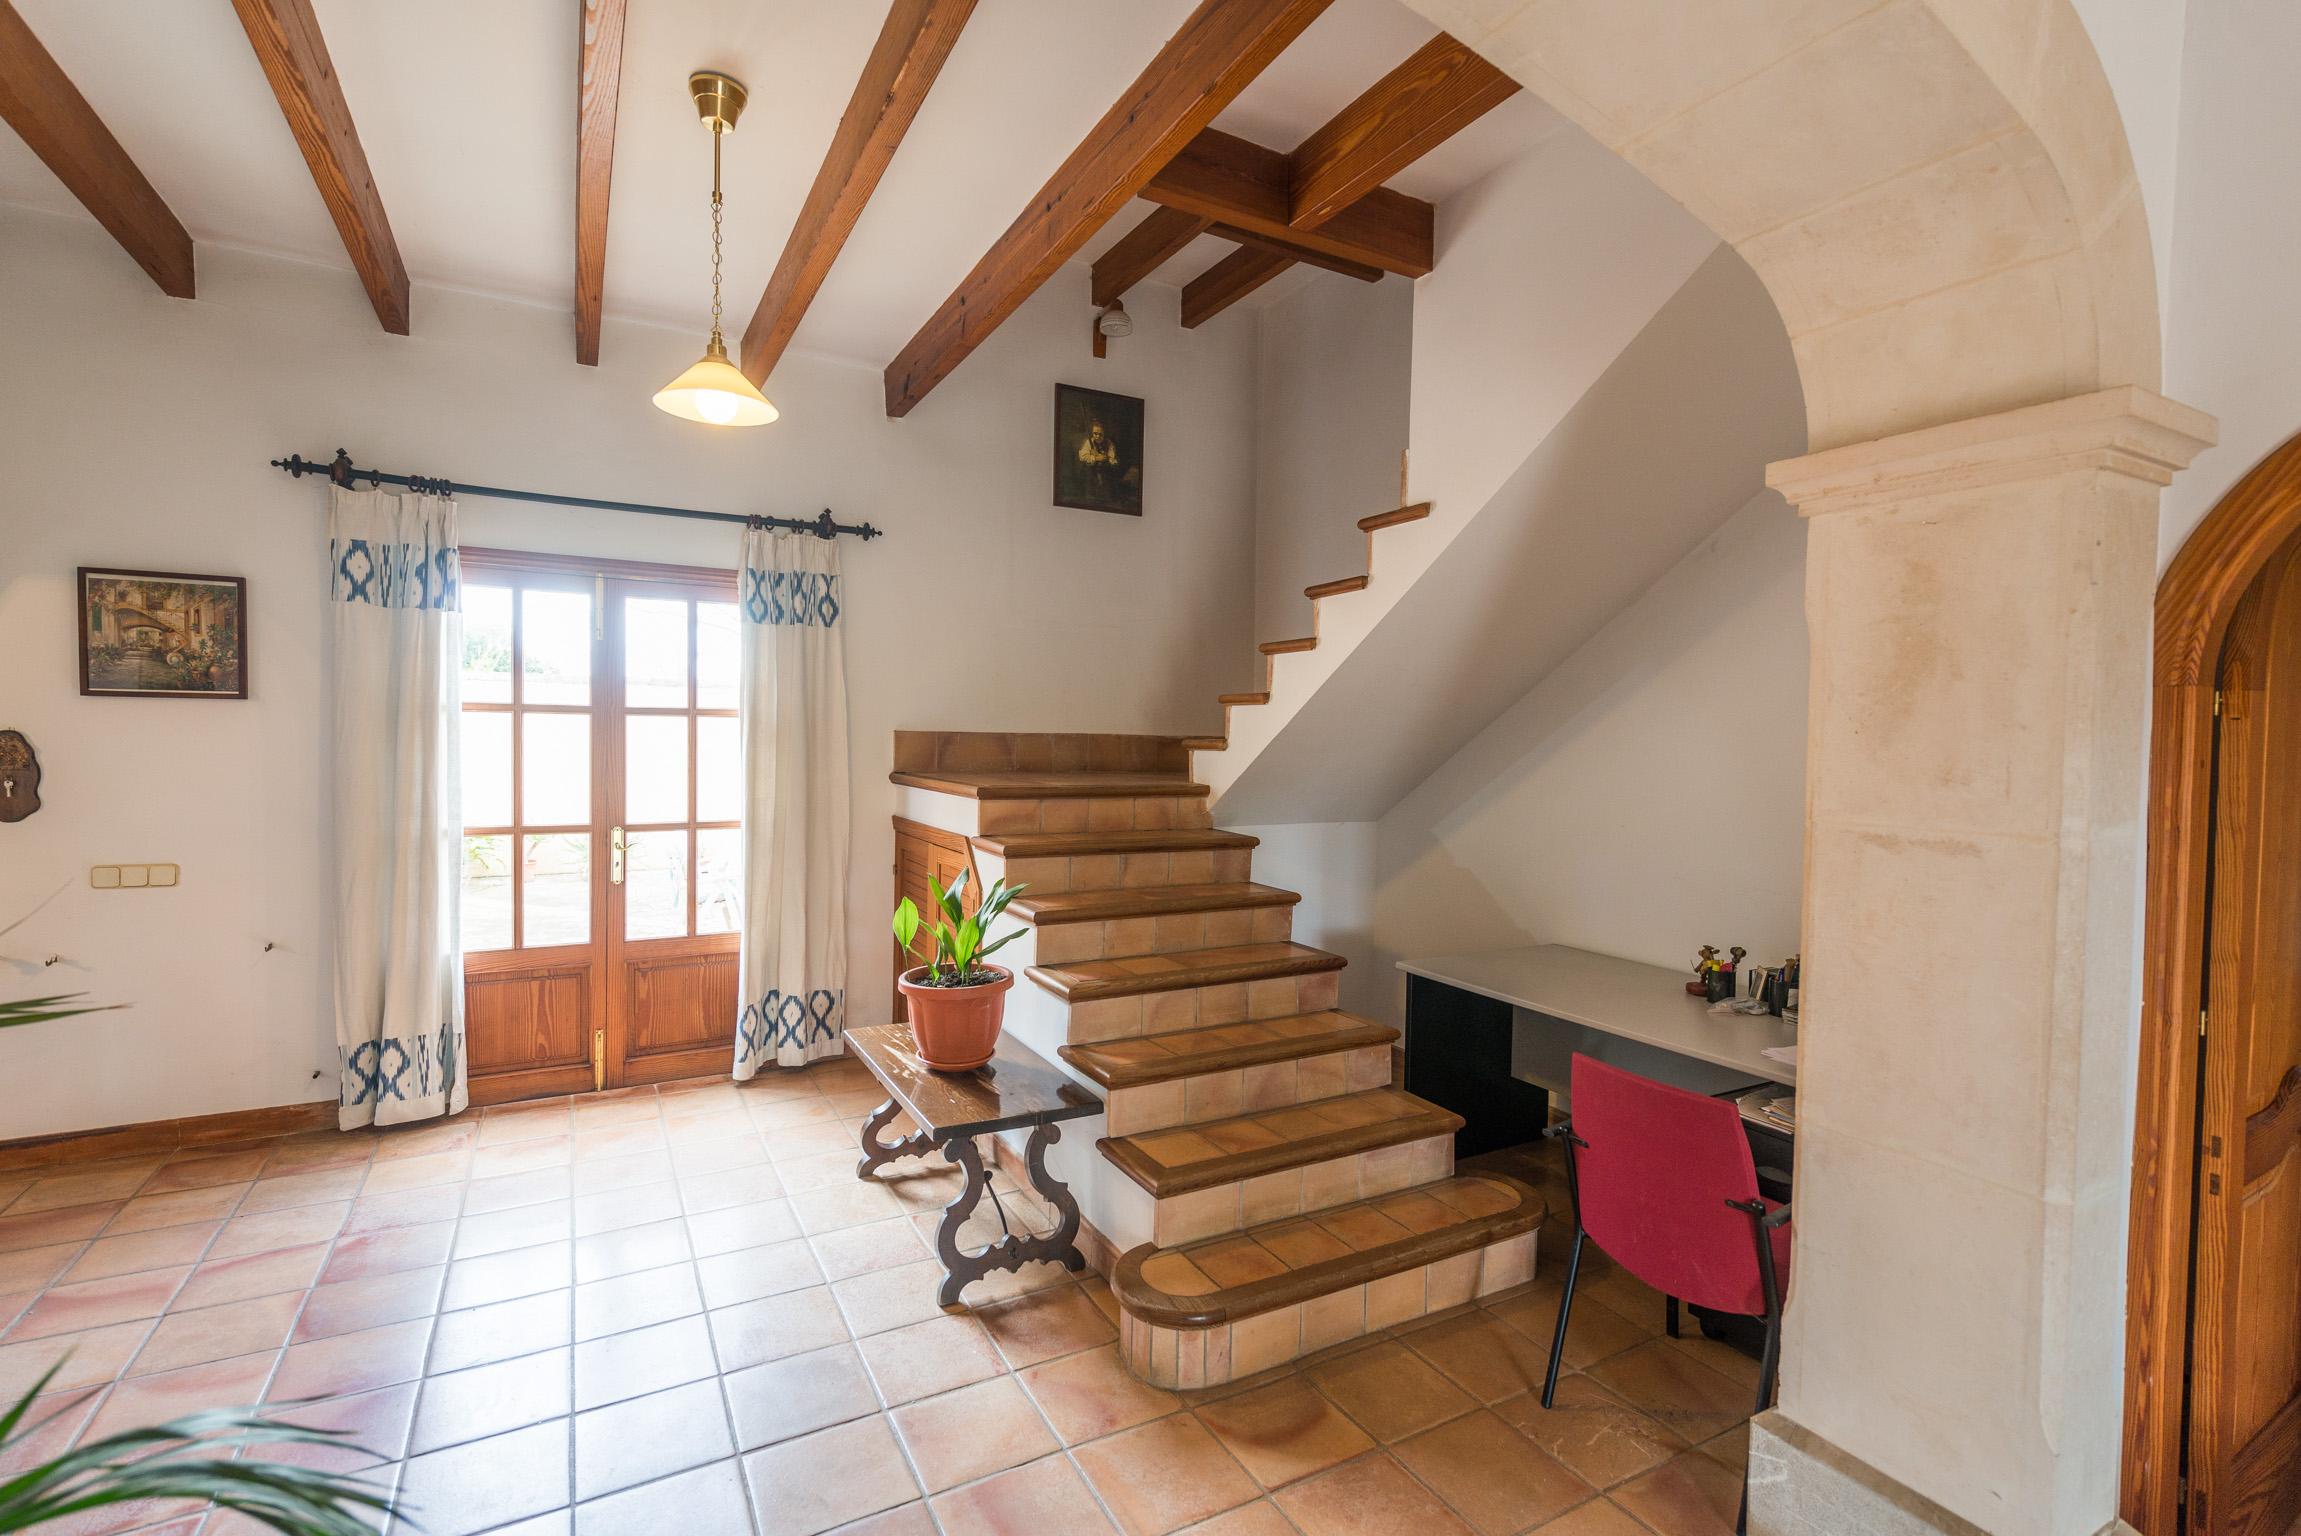 Maison de vacances SON BRINES (1871713), Lloret de Vistalegre, Majorque, Iles Baléares, Espagne, image 15